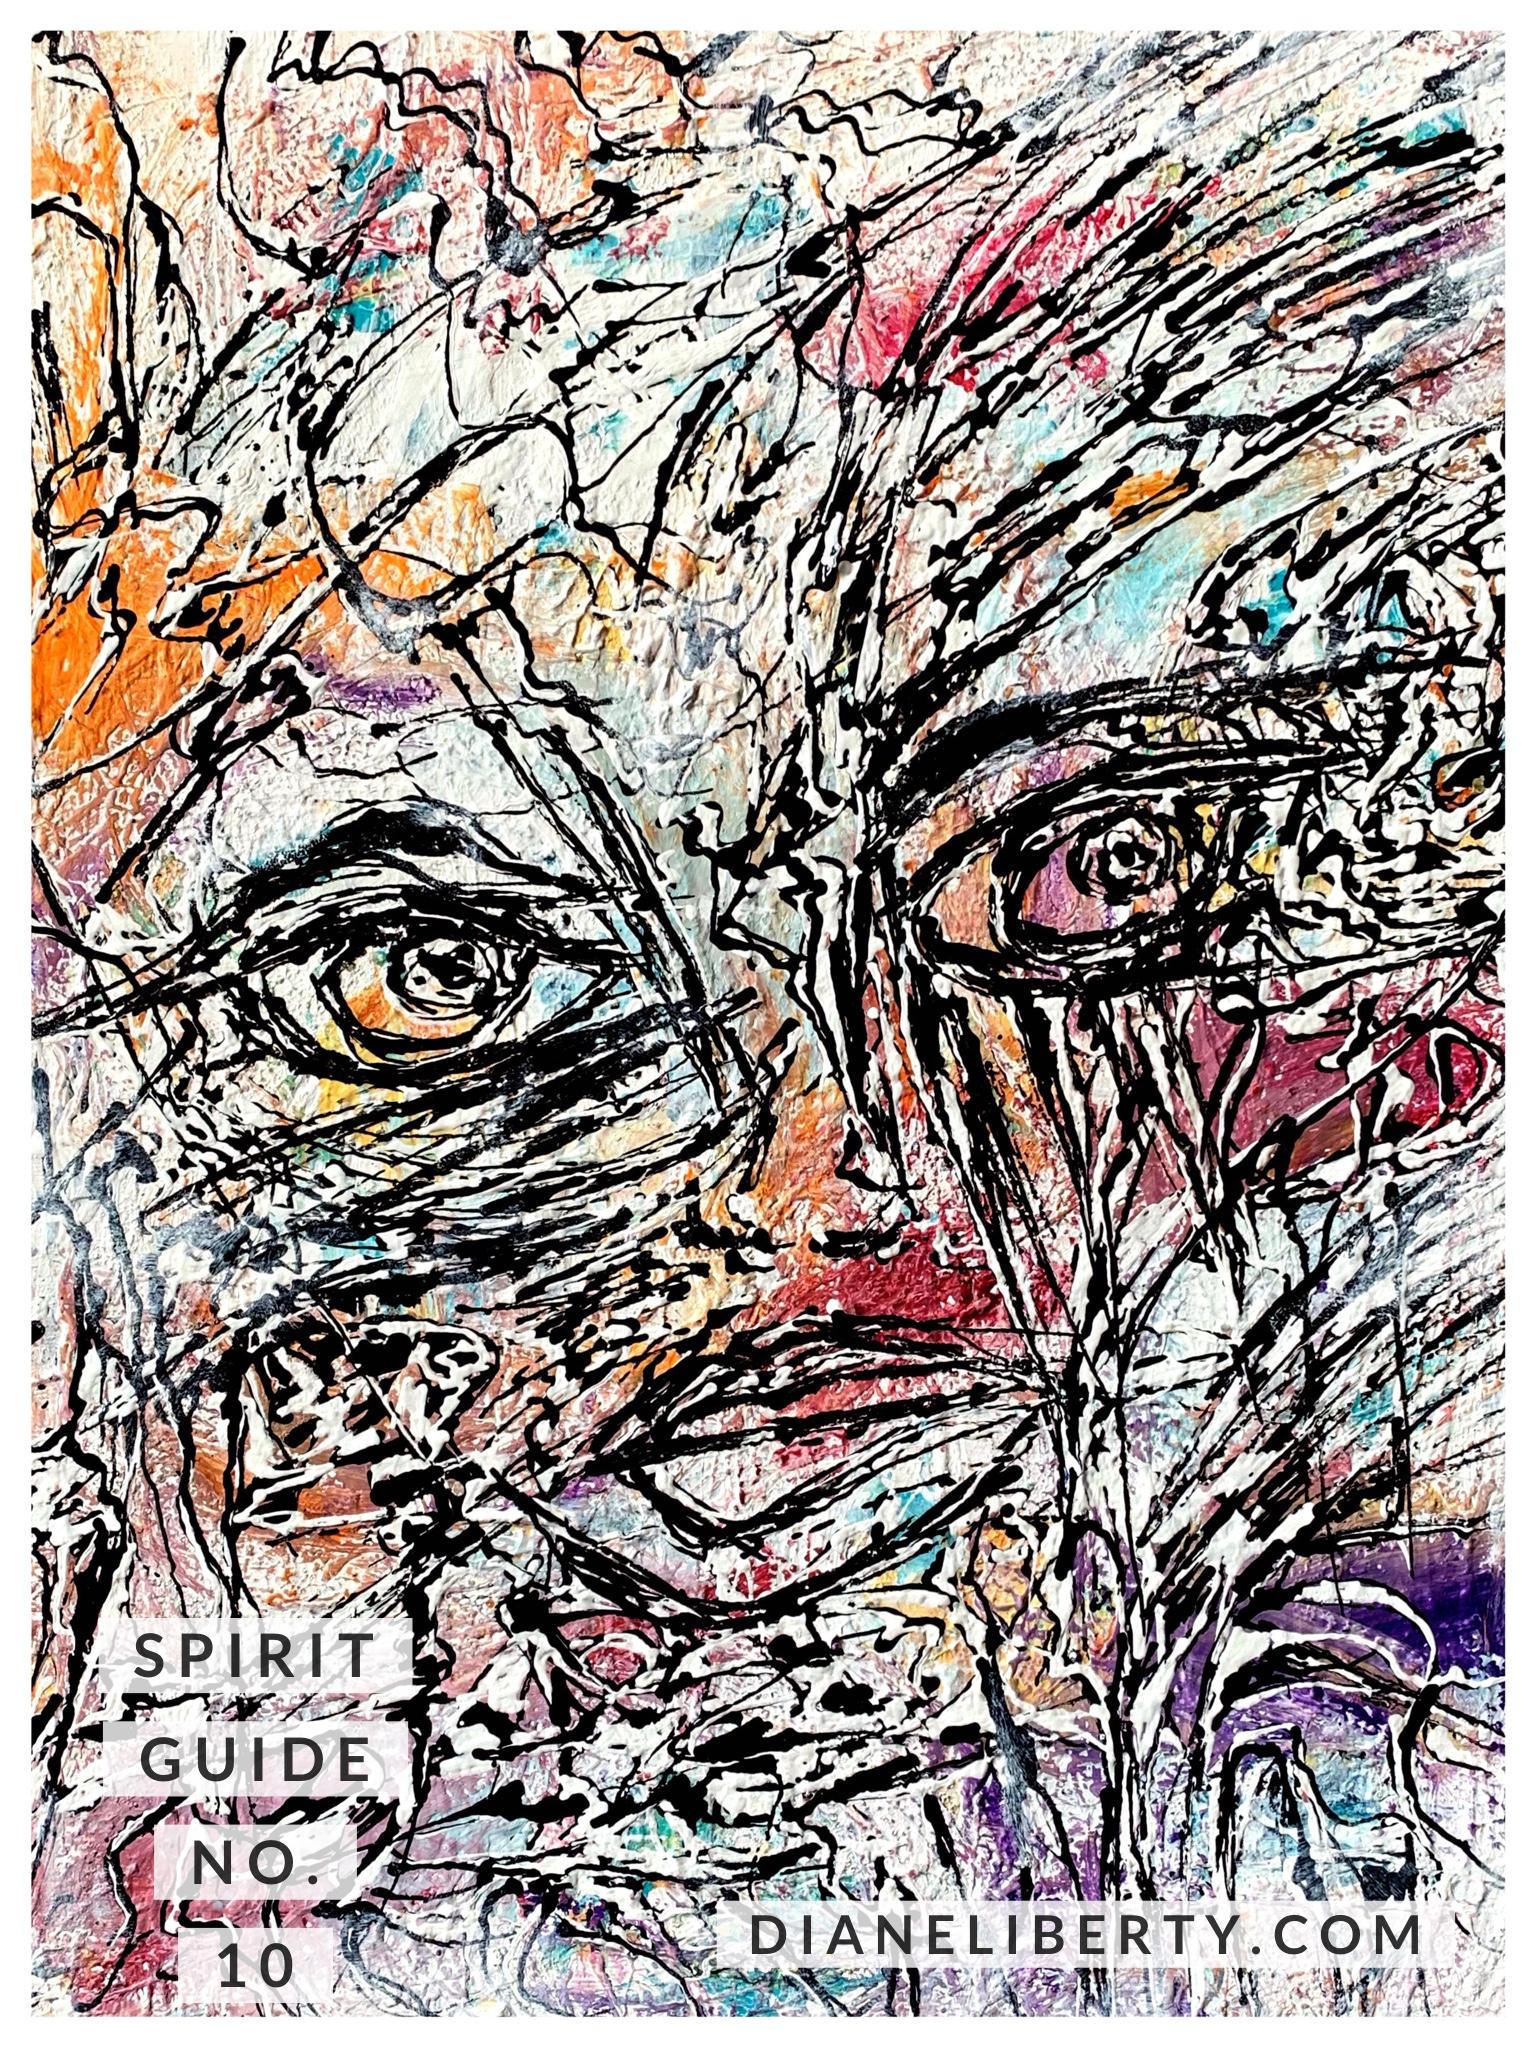 ARTWORK BY DIANE LIBERTY